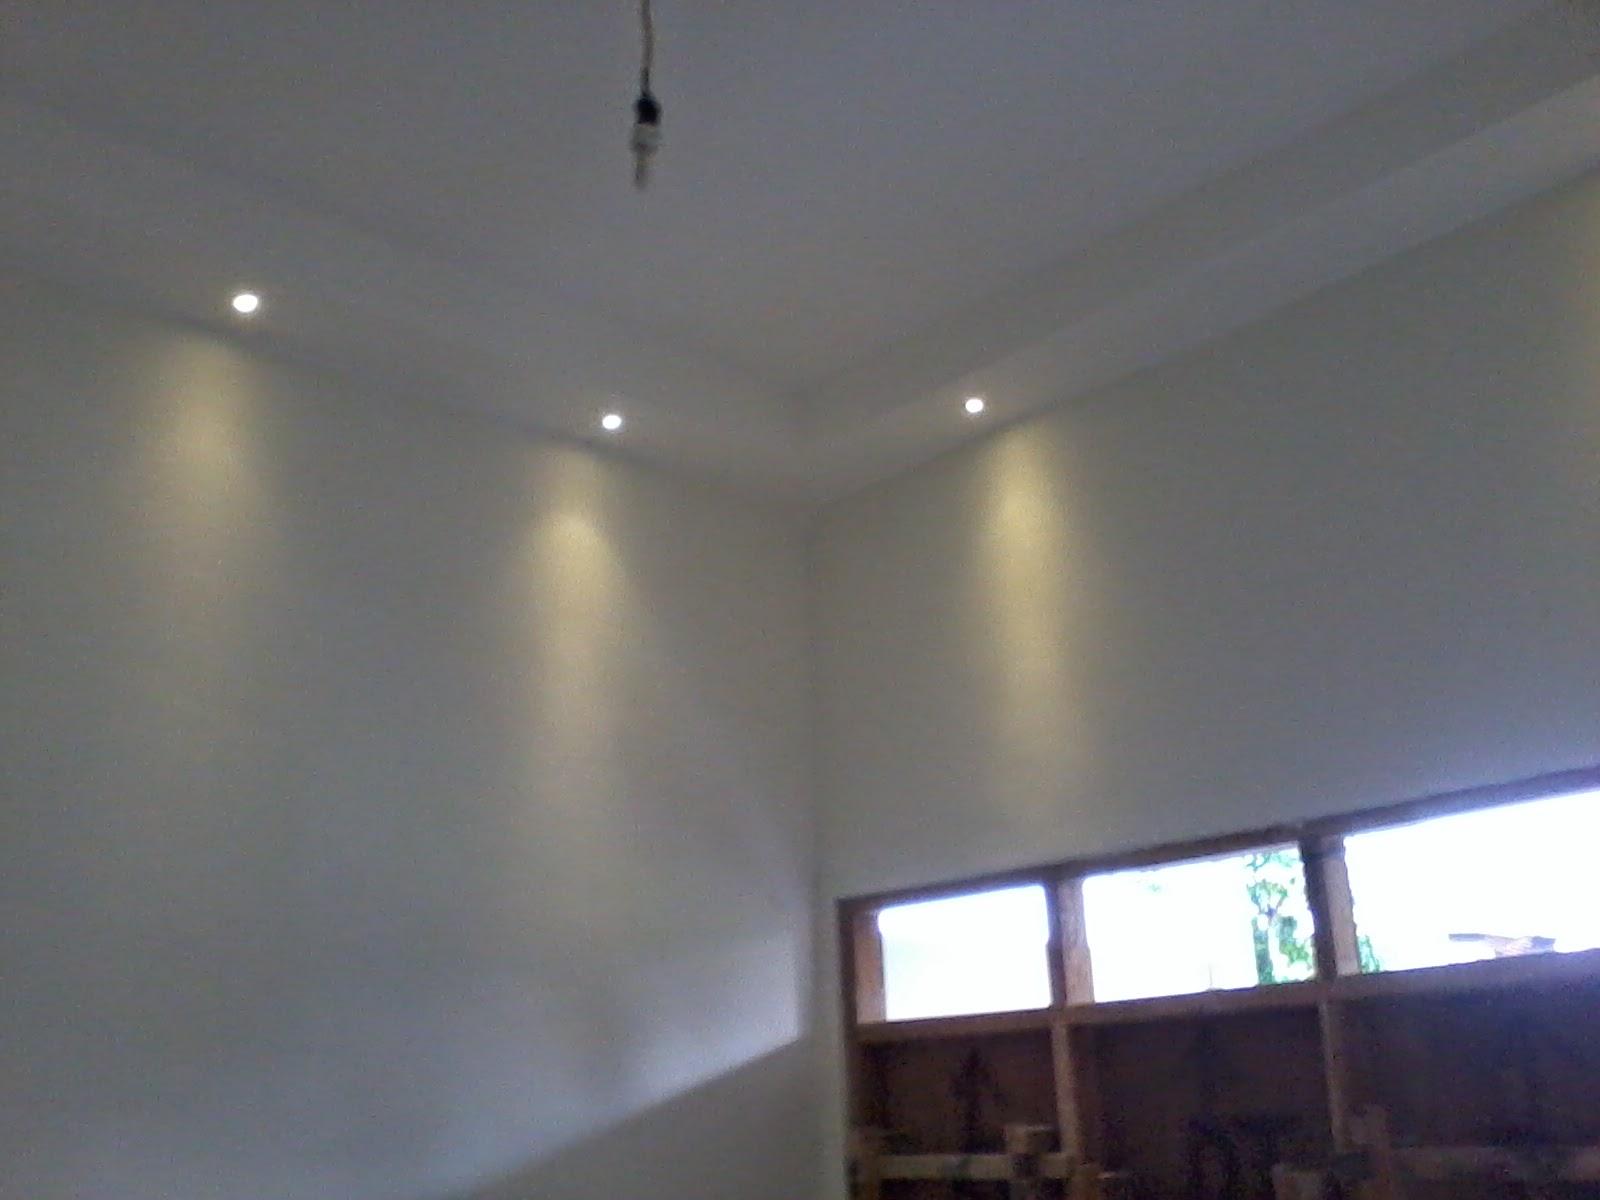 Untuk Lampu Ruangan Kita Led Yg Dekat Dinding Pakai Spot 1w Warm White Total Di Ruang Tamu 12 Buah Rencana